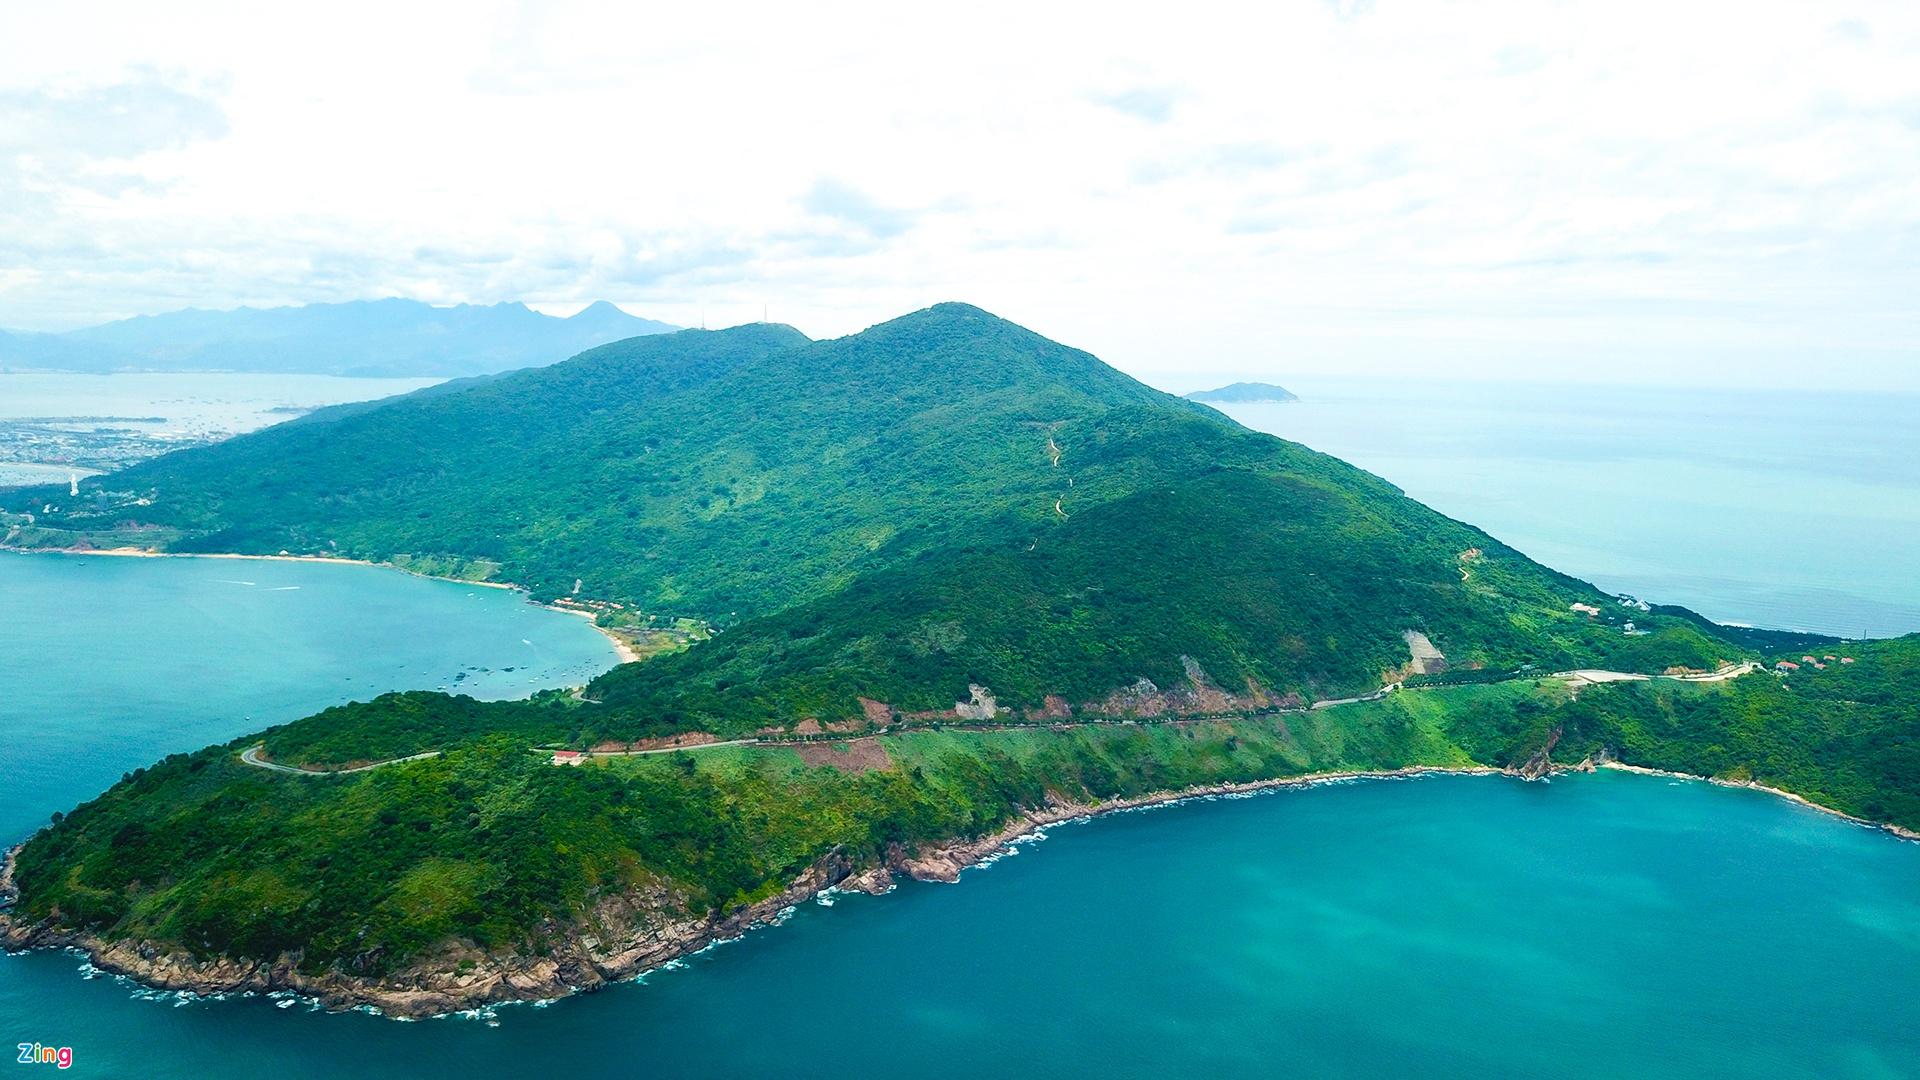 Bốn dự án lớn trên Bán đảo Sơn Trà Đà Nẵng được xác định lại giá đất - Ảnh 1.